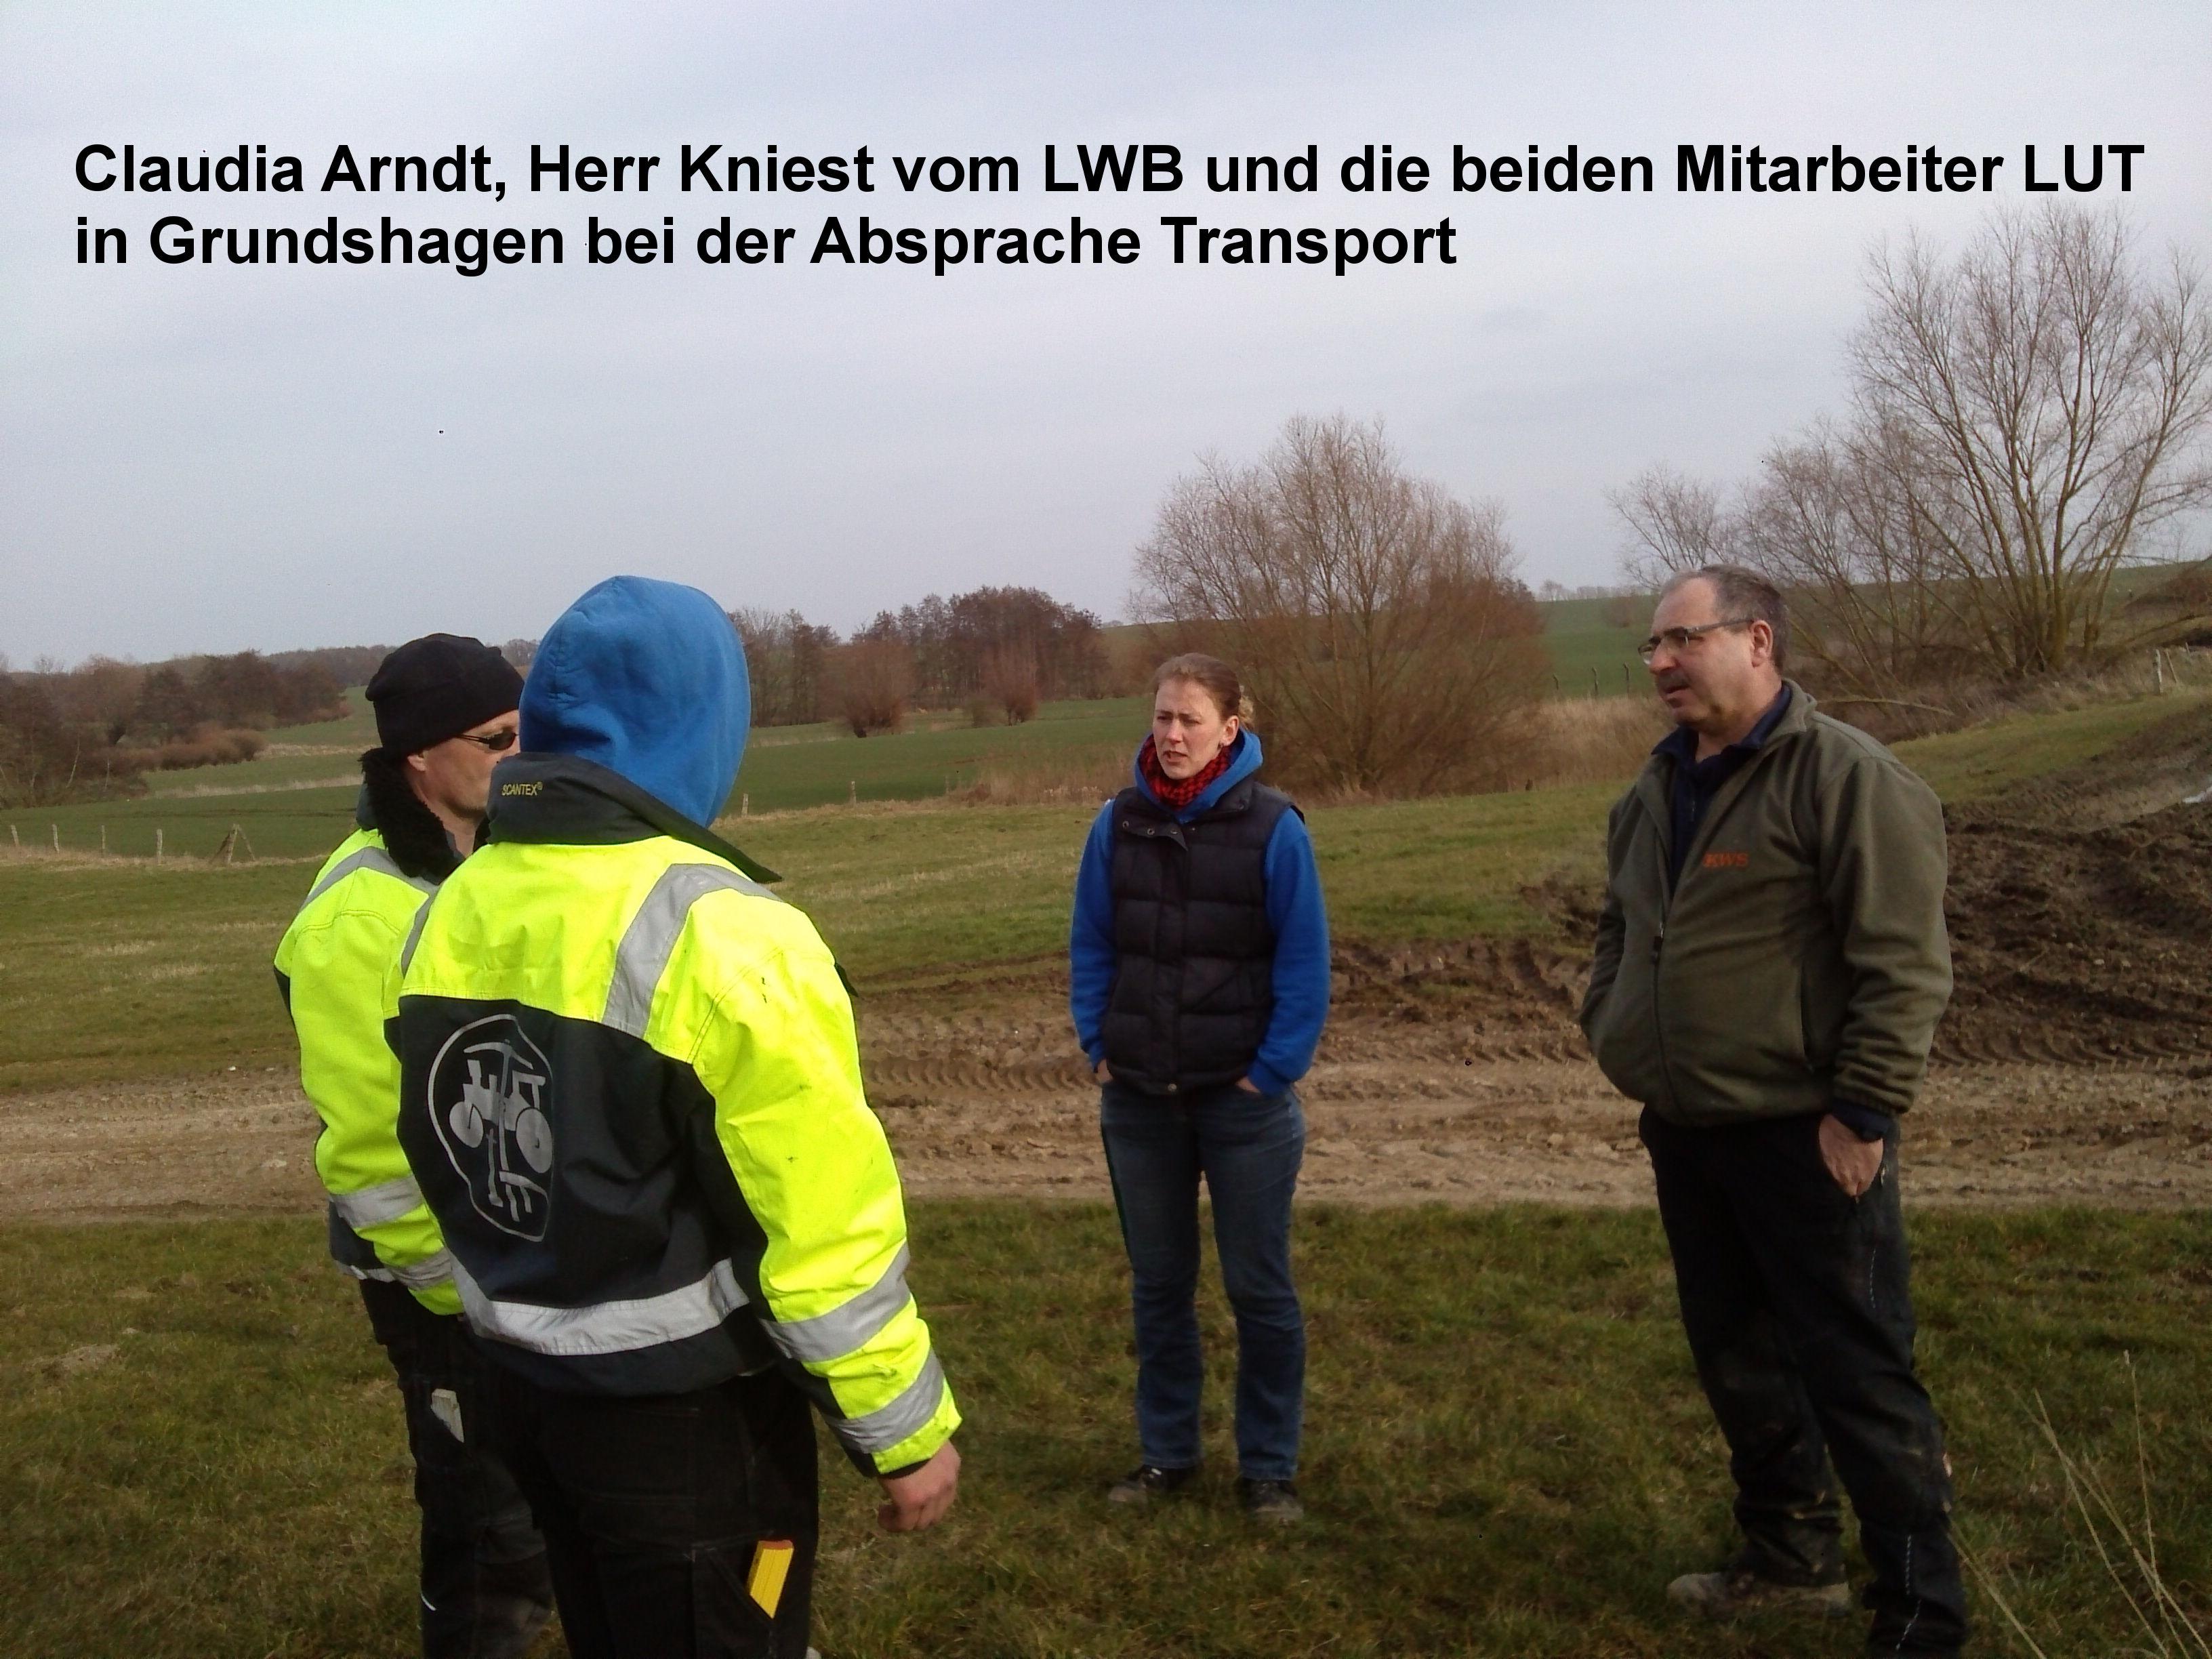 8 Claudia Arndt Herr Kniest vom LWB und die beiden Mitarbeiter LUT in Grundshagen bei der Absprache Transport